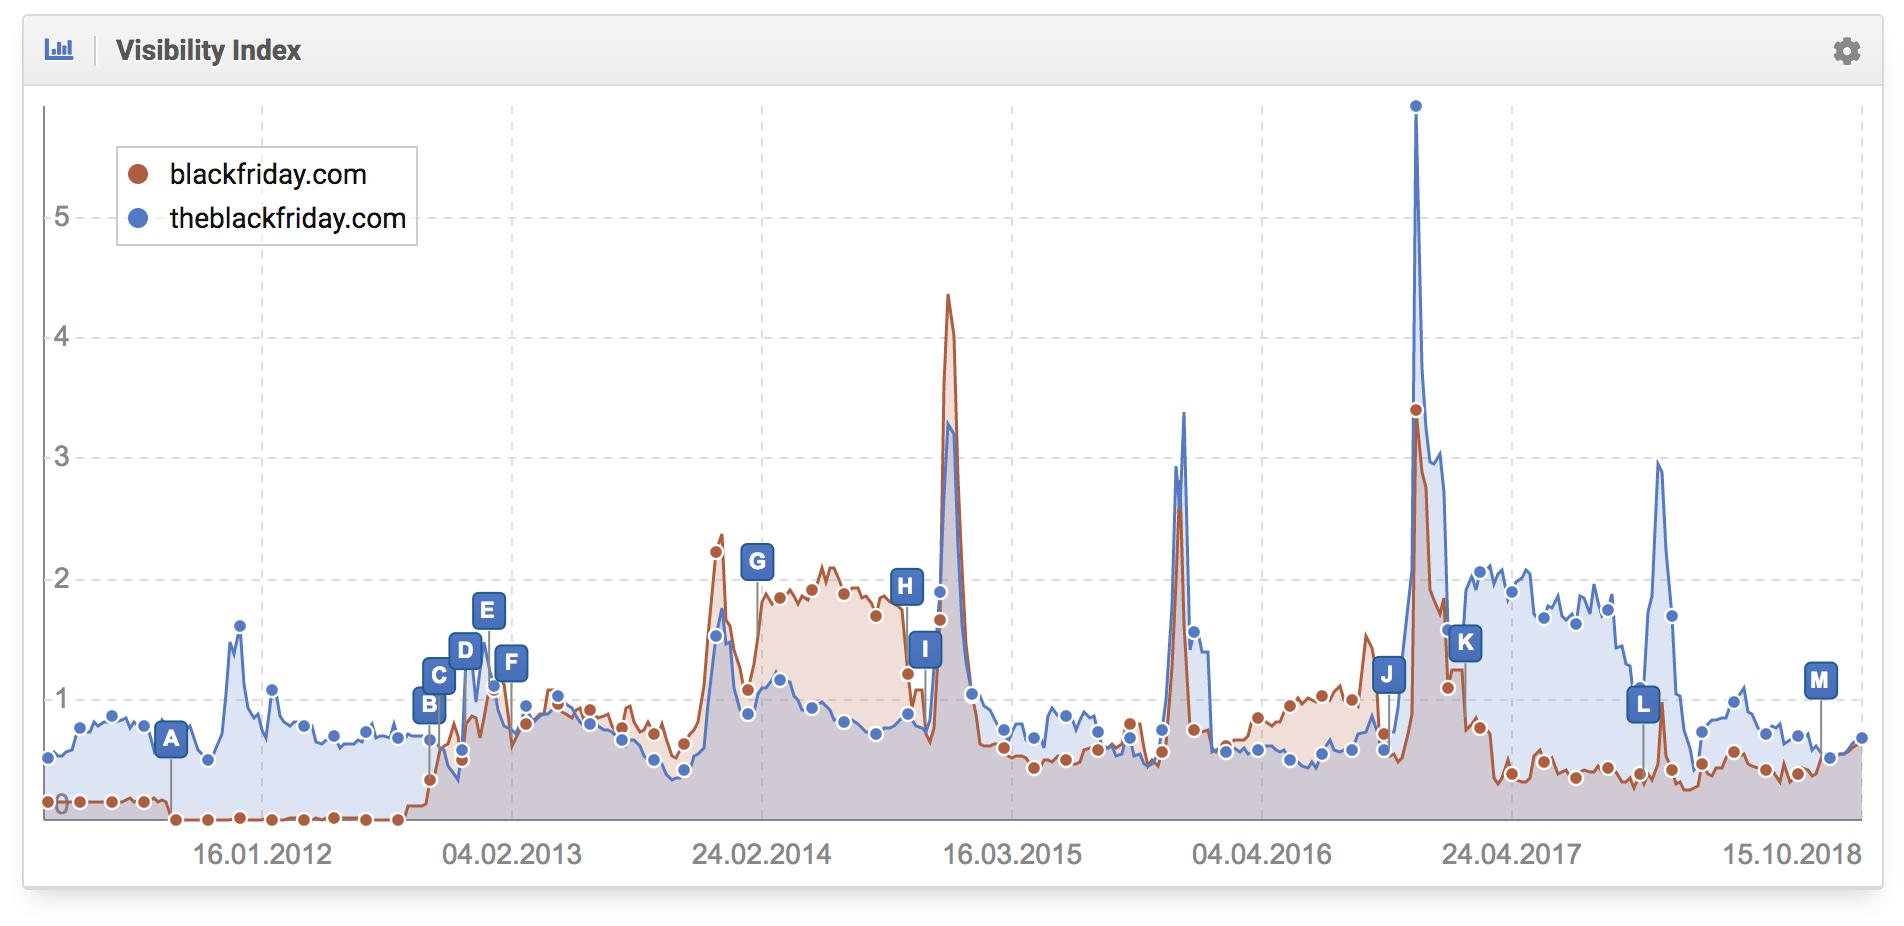 Histórico de la comparativa del desarrollo de la visibilidad de theblackfriday.com vs. blackfriday.com